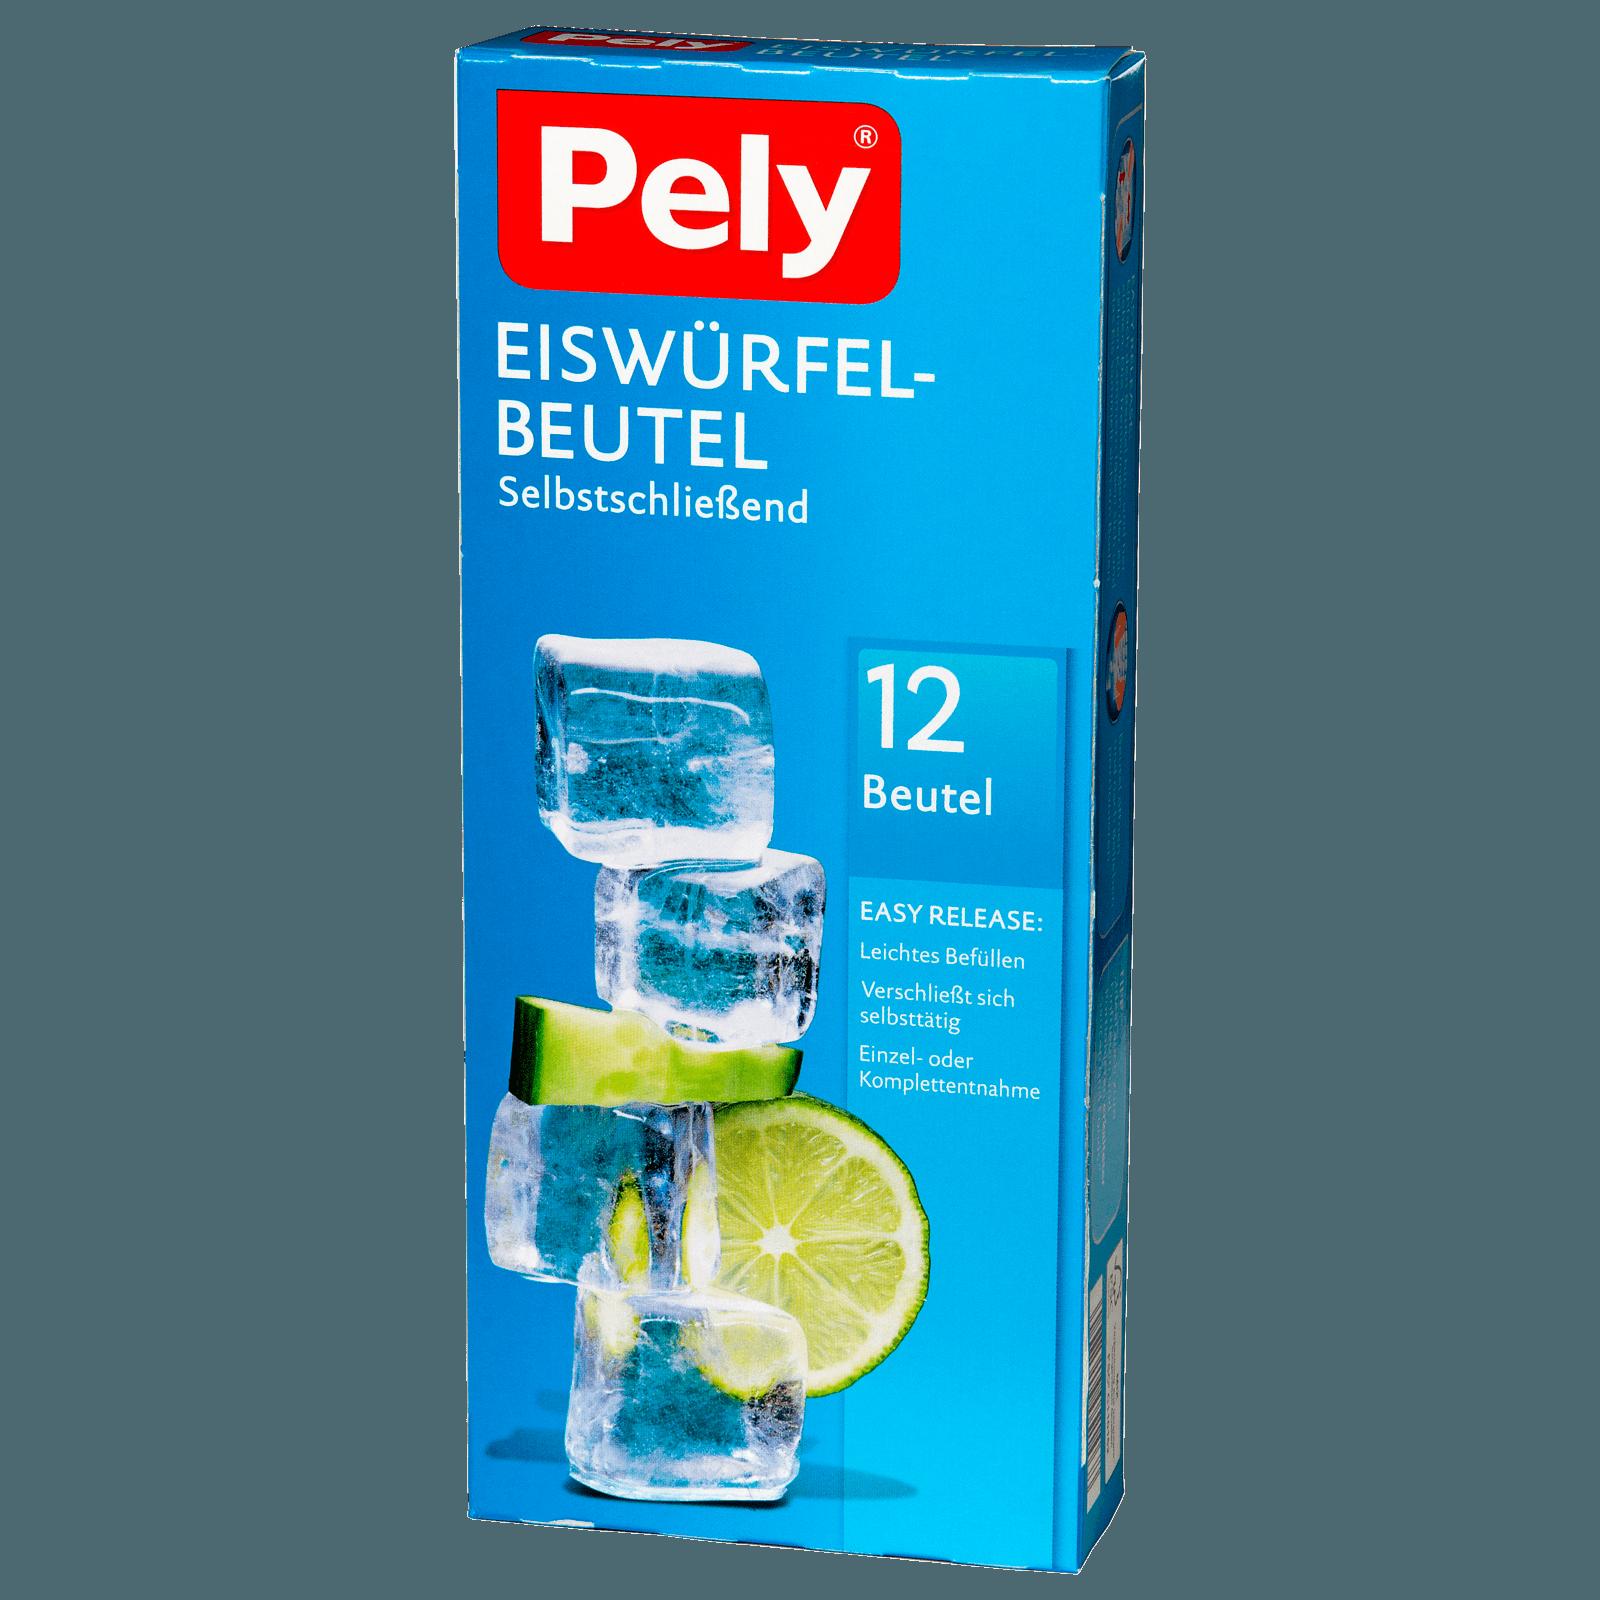 Pely Eiswürfel-Beutel 12 Stück